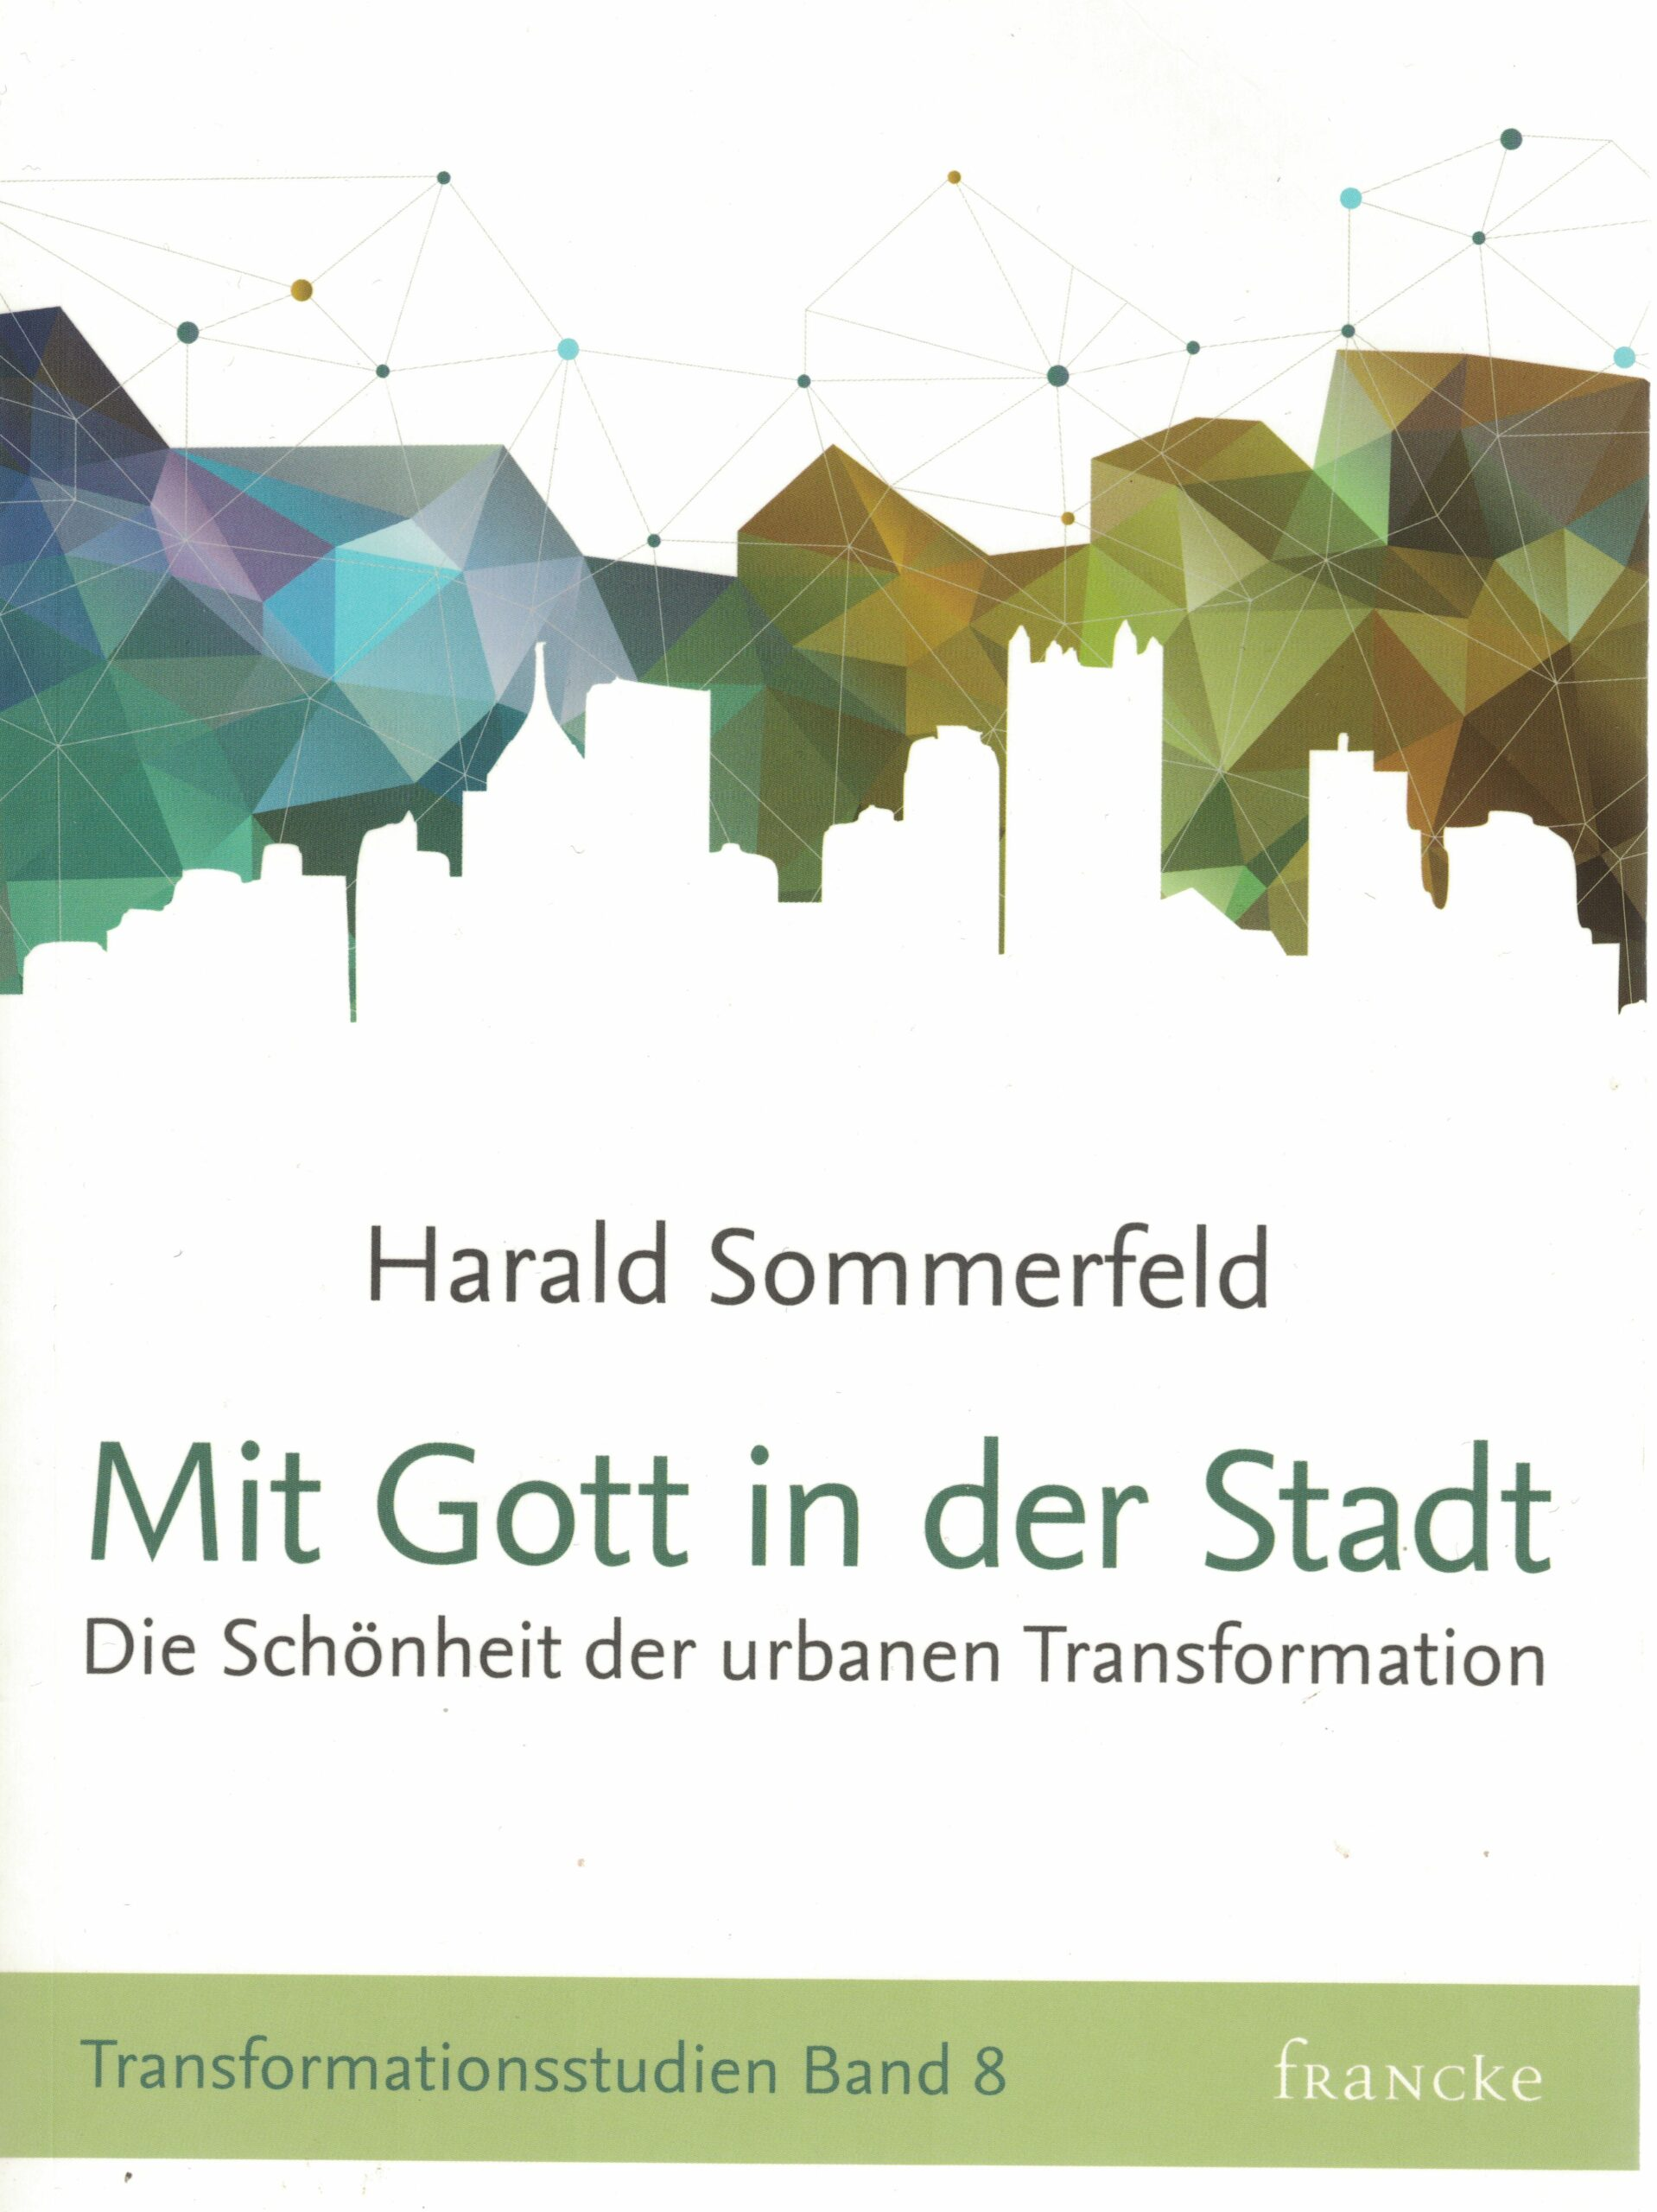 Mit Gott in der Stadt - Die Schönheit der urbanen Transformation